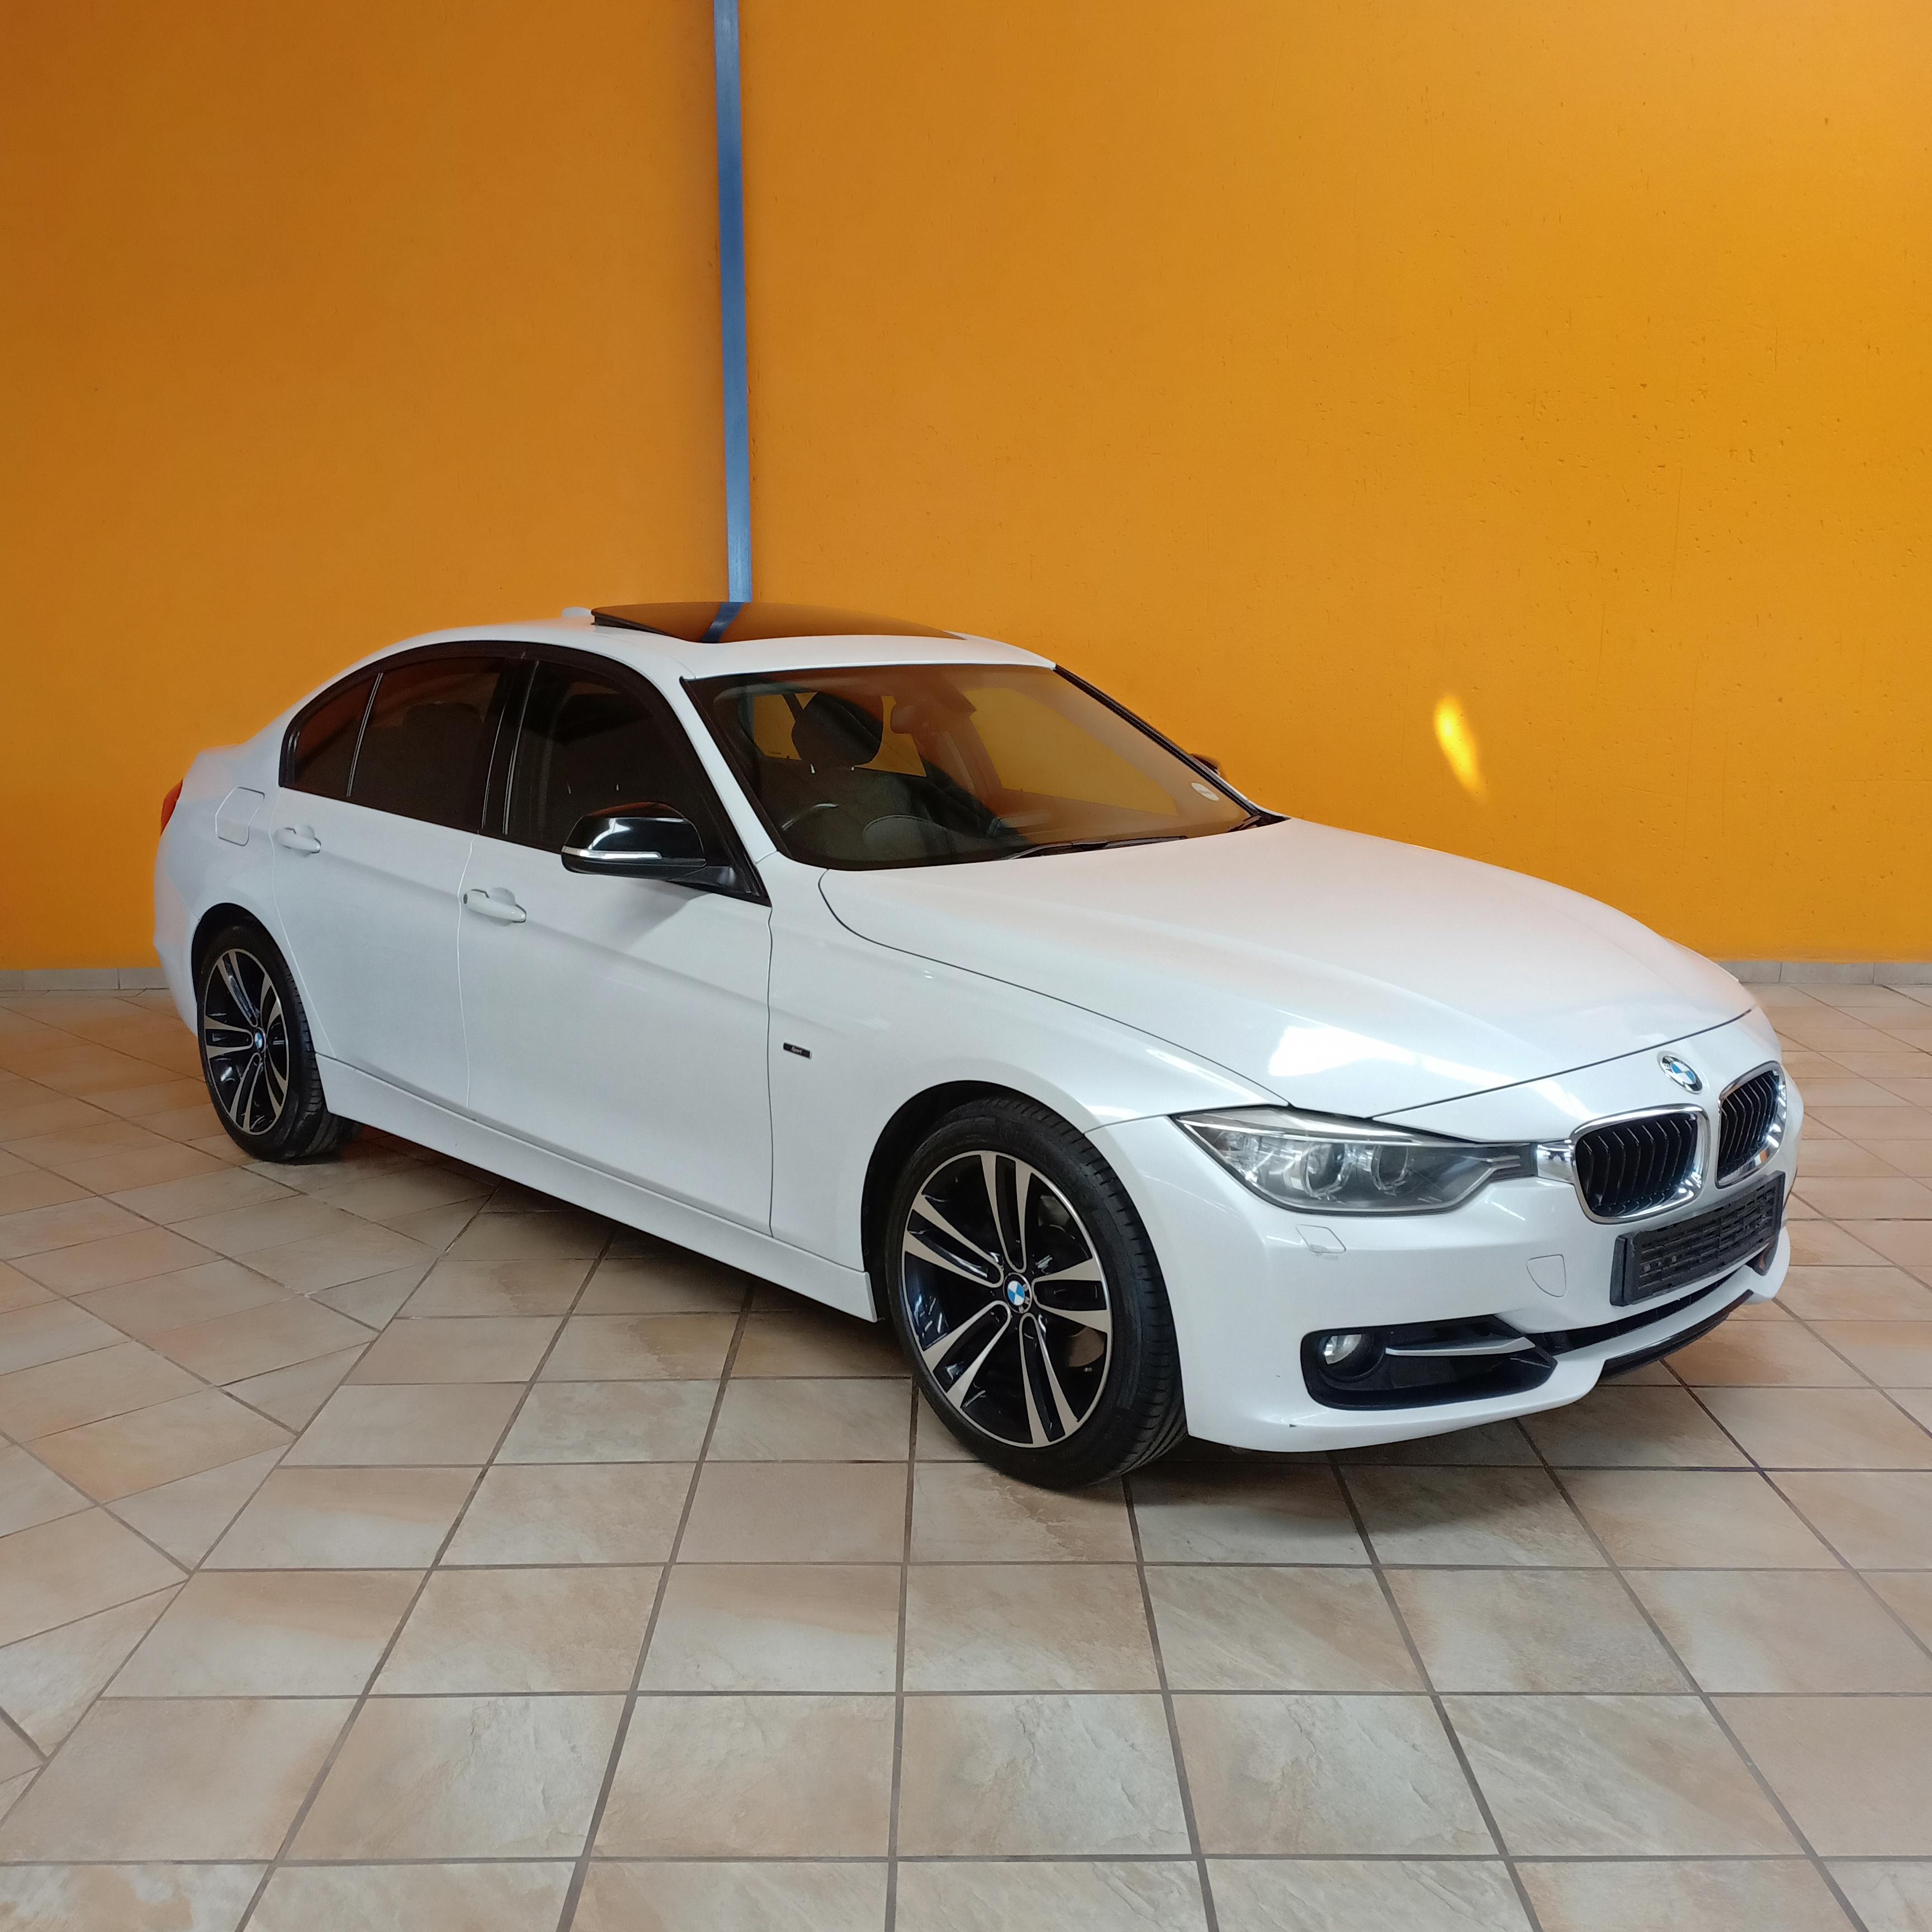 2013 BMW 320I (F30) A/T SPORTLINE